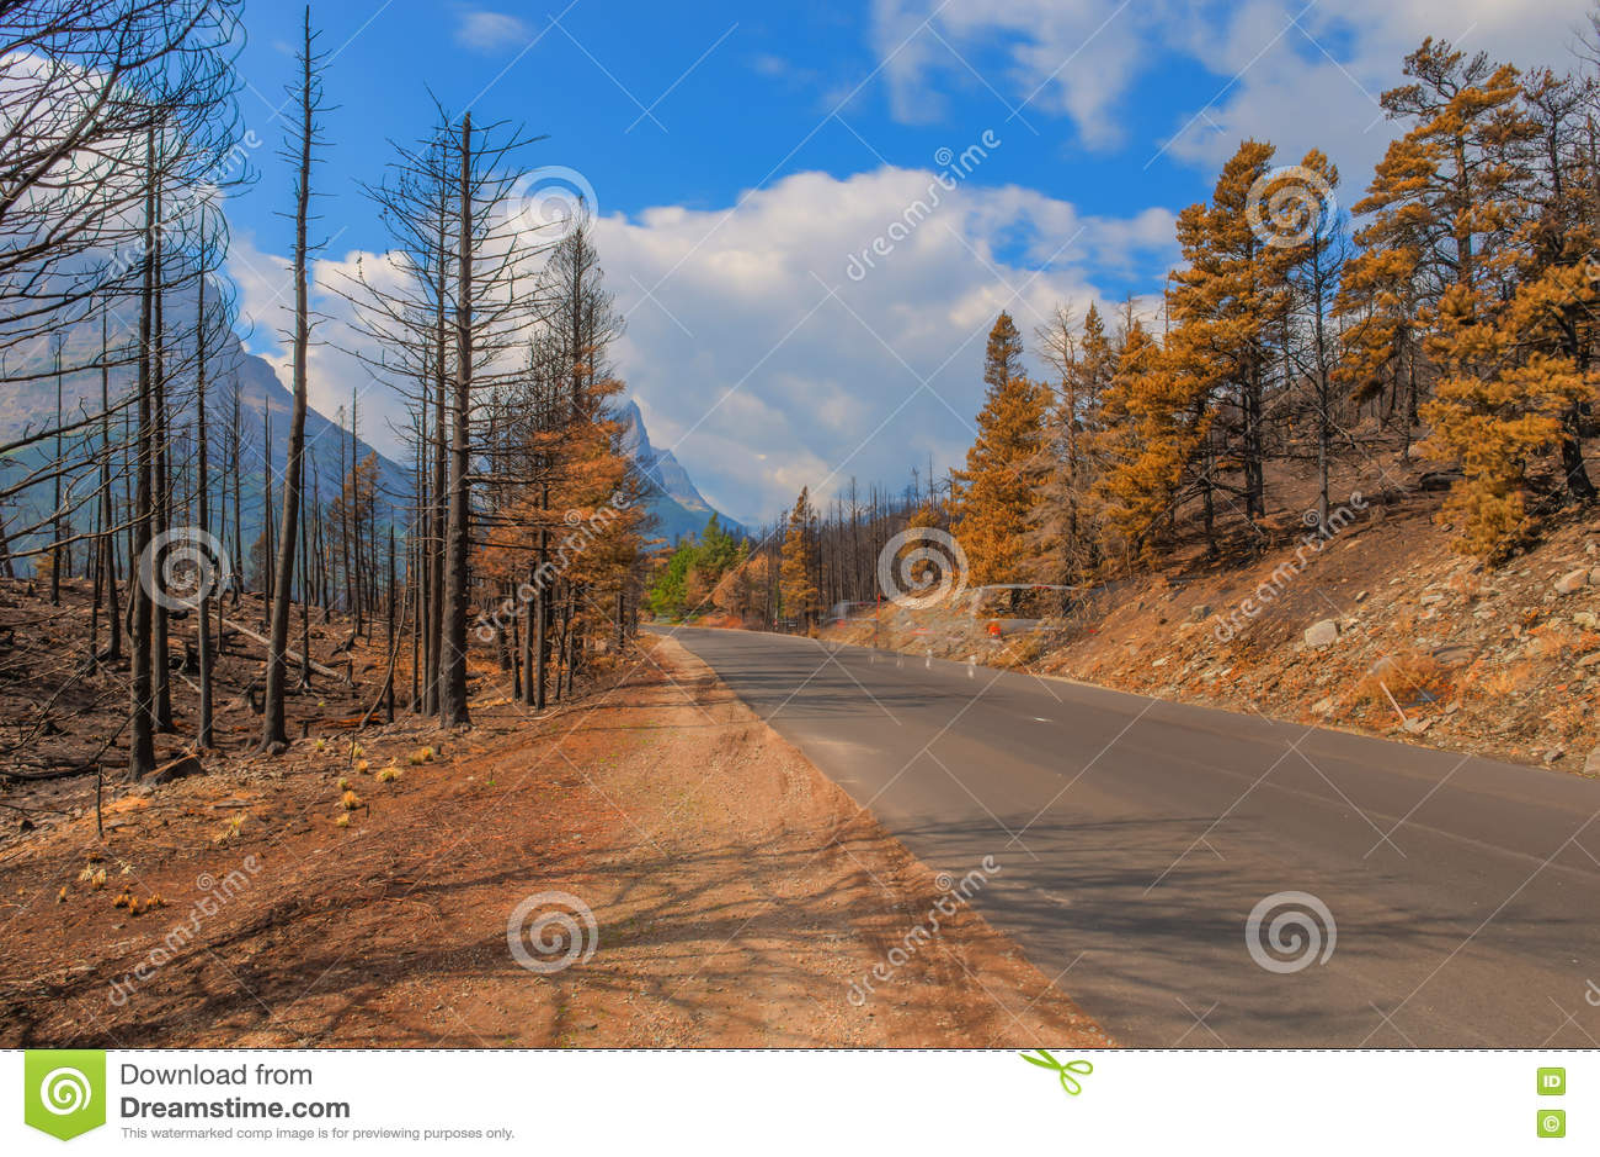 Nationalpark 2015 för efterdyningReynolds Creek Wildland Forest Fire glaciär